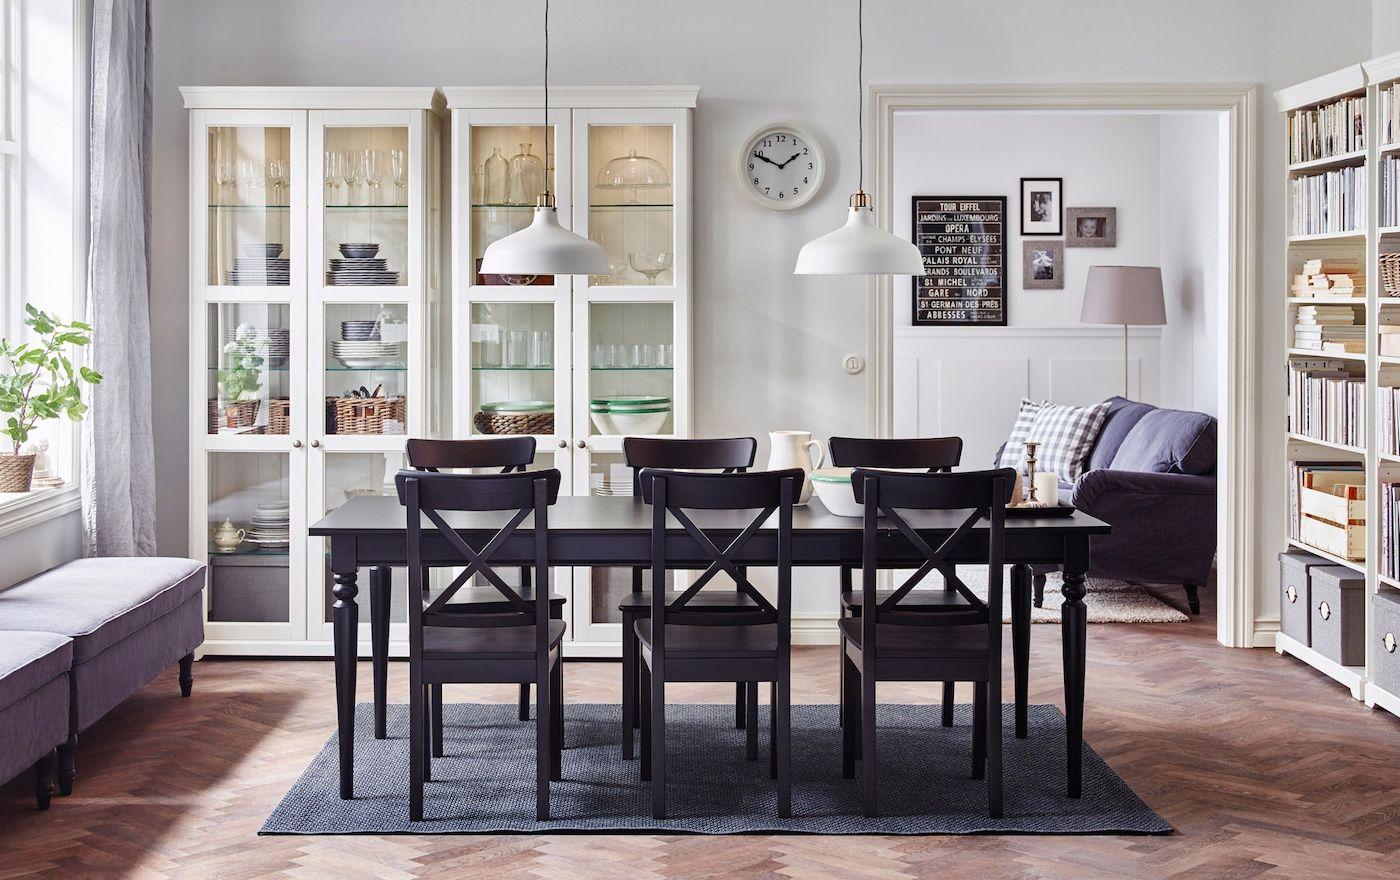 Kleines Wohnzimmer Mit Essbereich Einrichten Ikea